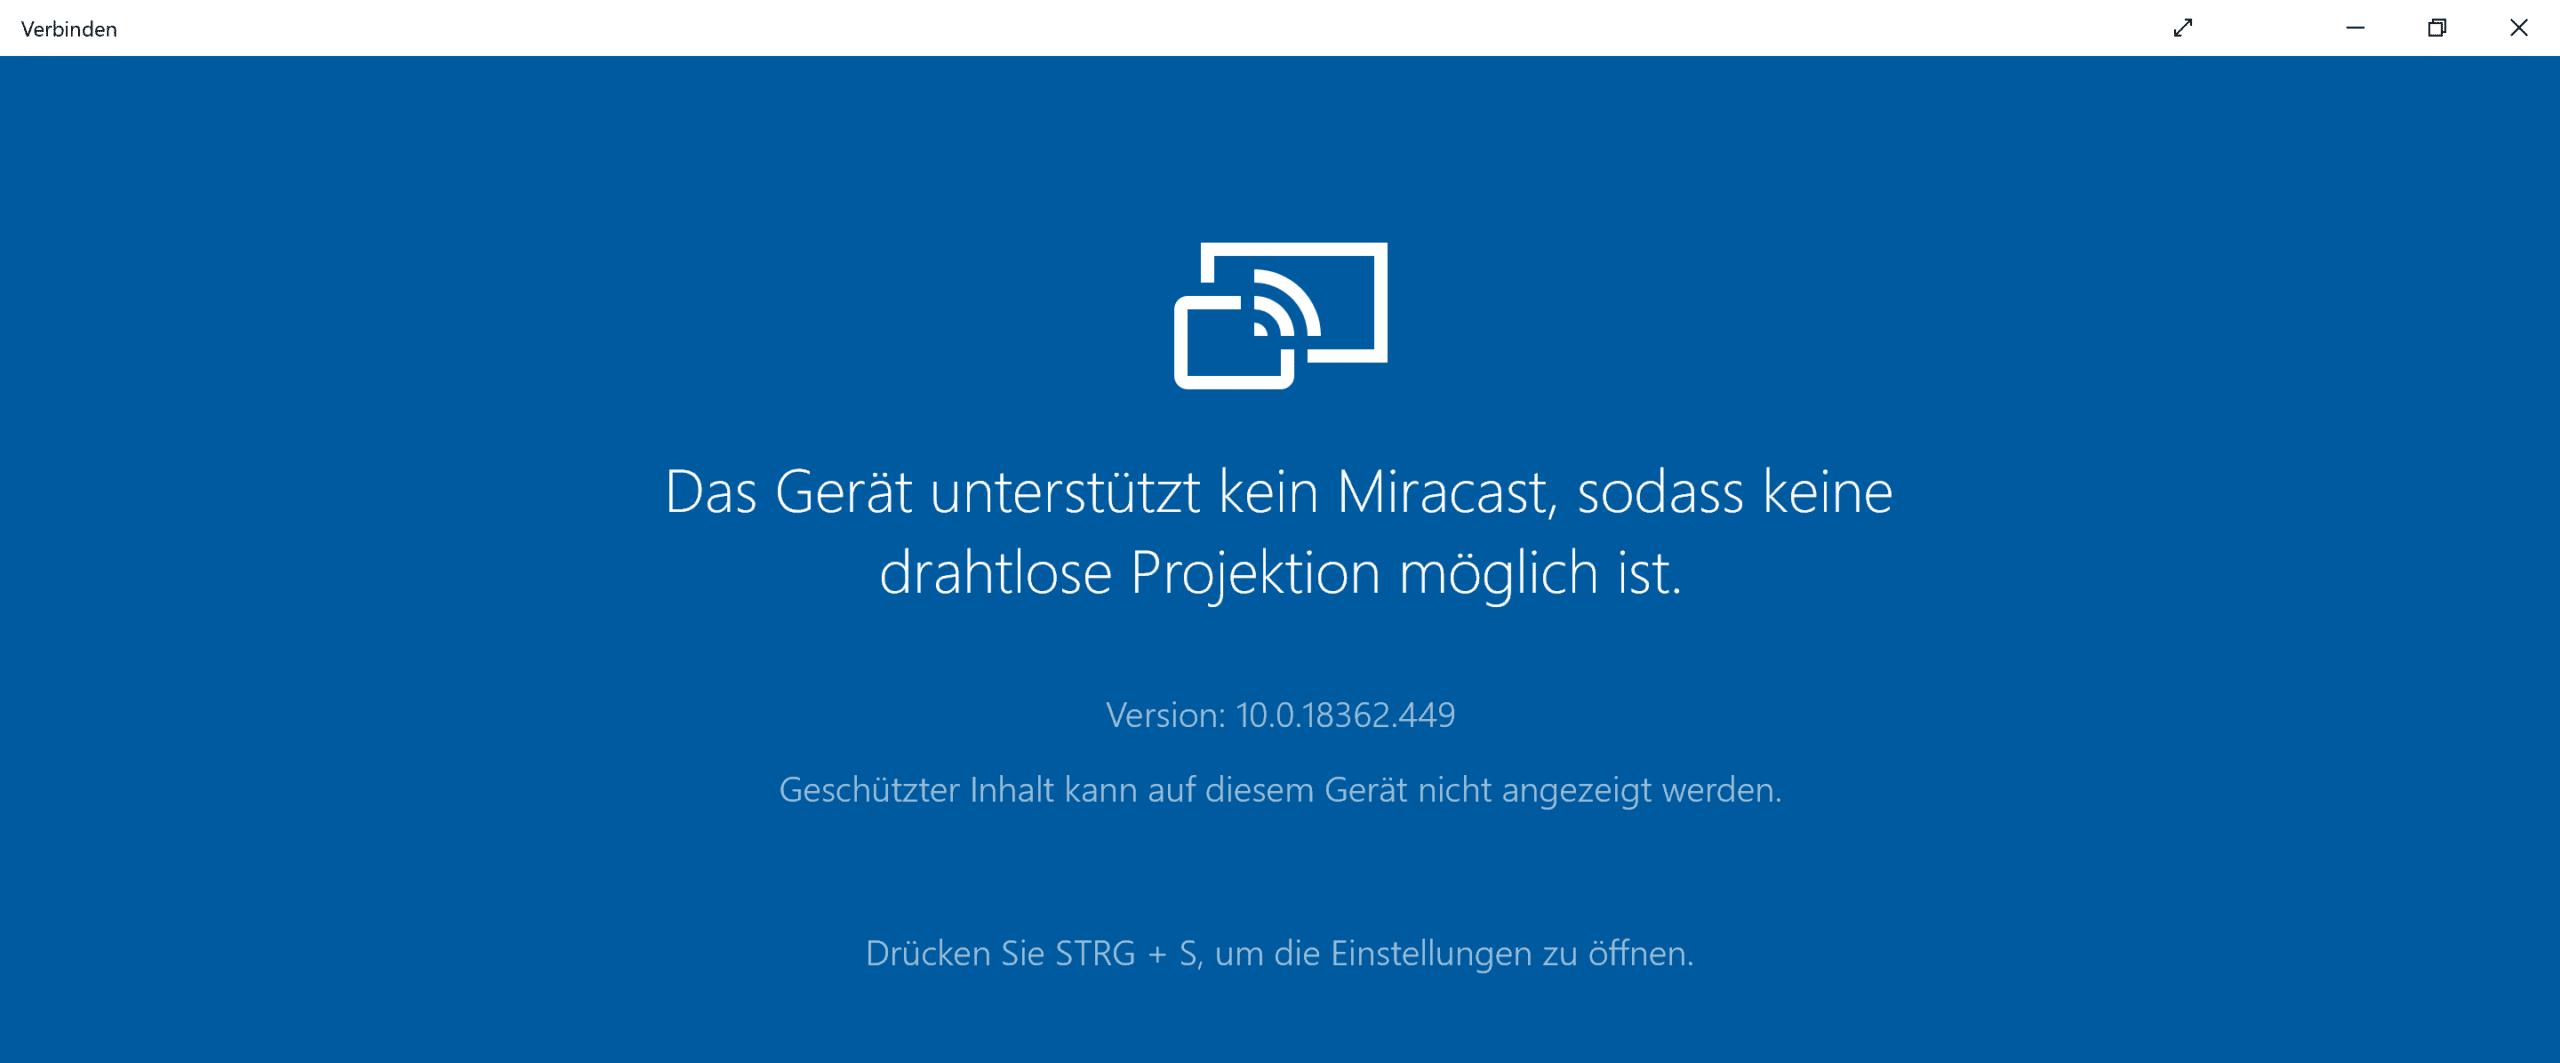 Verbinden App zeigt Fehler: Kein Miracast verfügbar